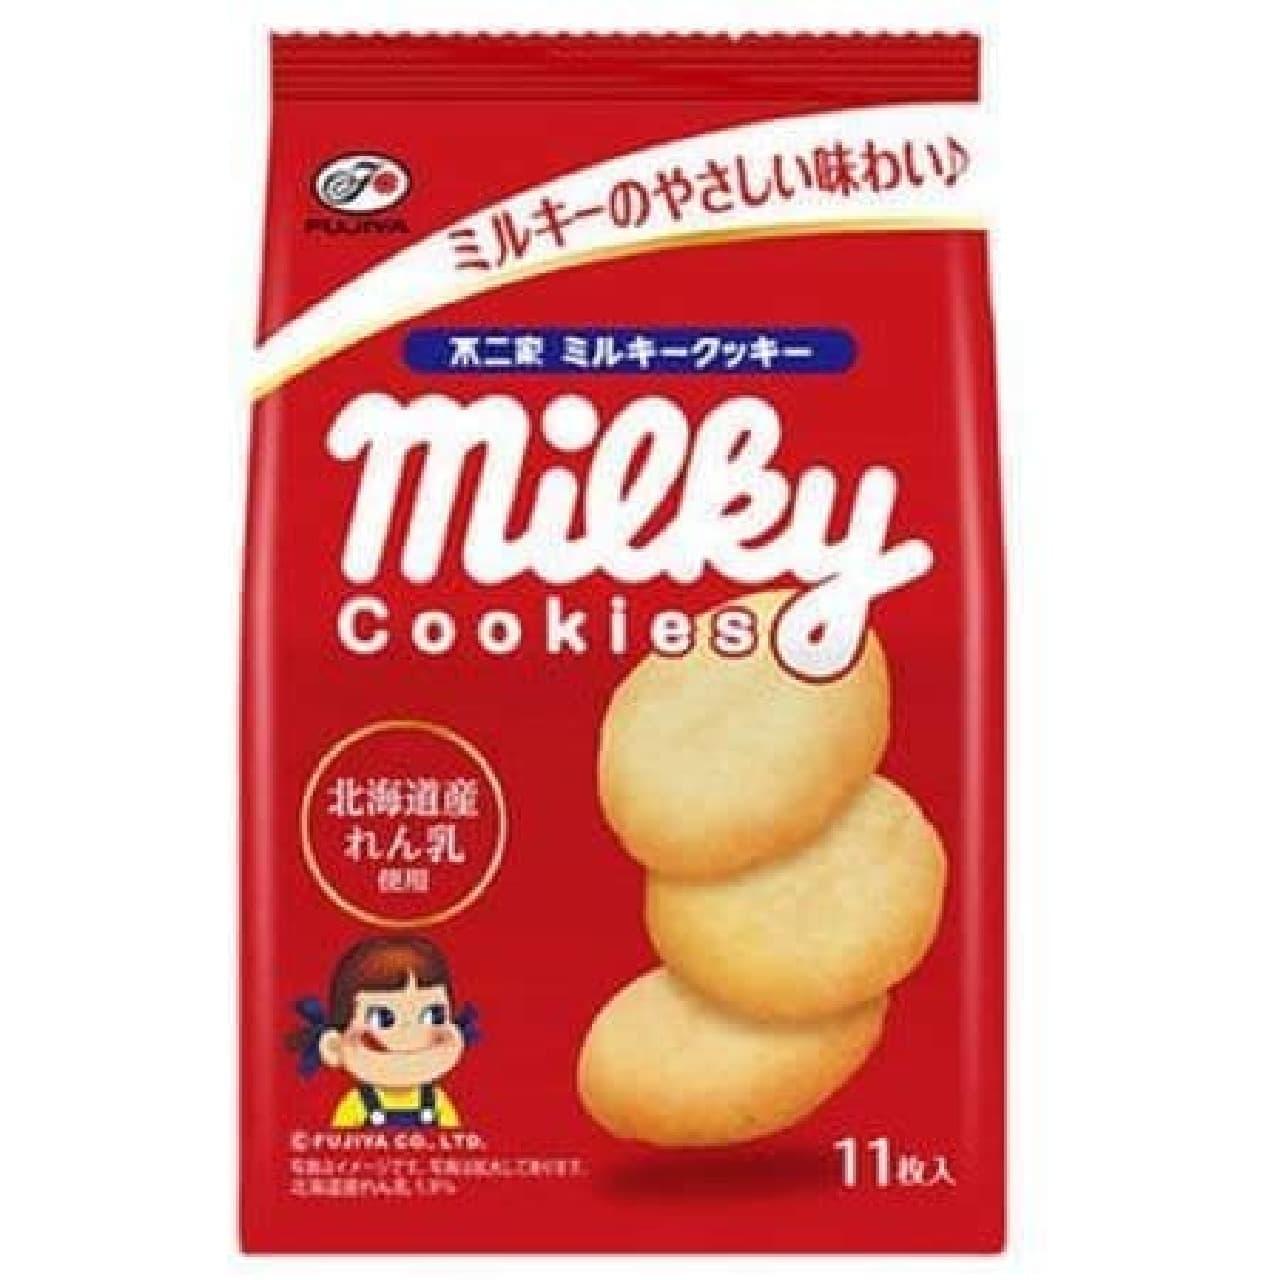 ミルキークッキーは北海道産れん乳が使用された『ミルキー』味のシンプルなクッキー